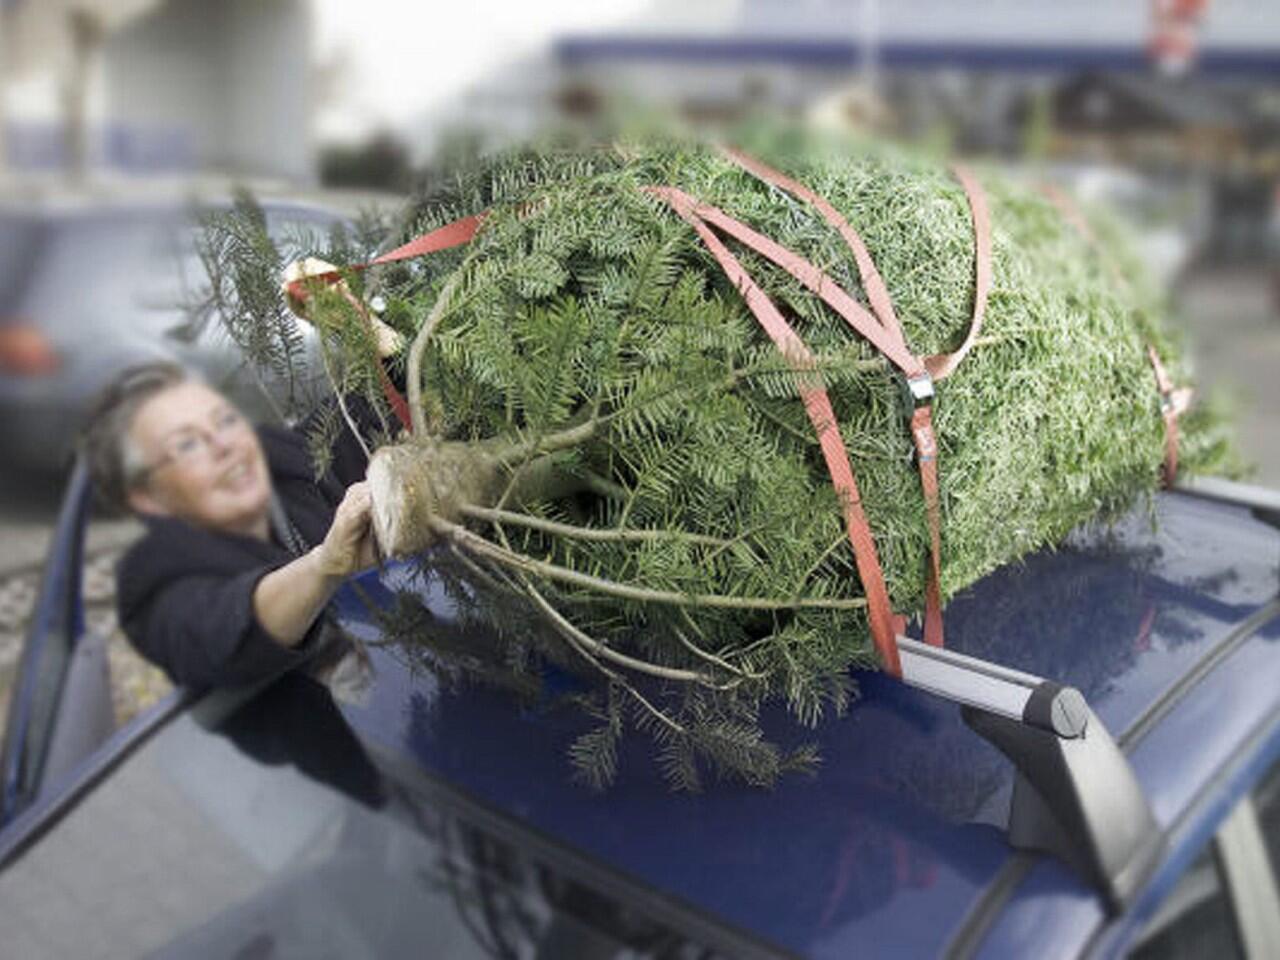 Weihnachtsbaum transportieren: So kommen Sie und der Baum sicher ans ...